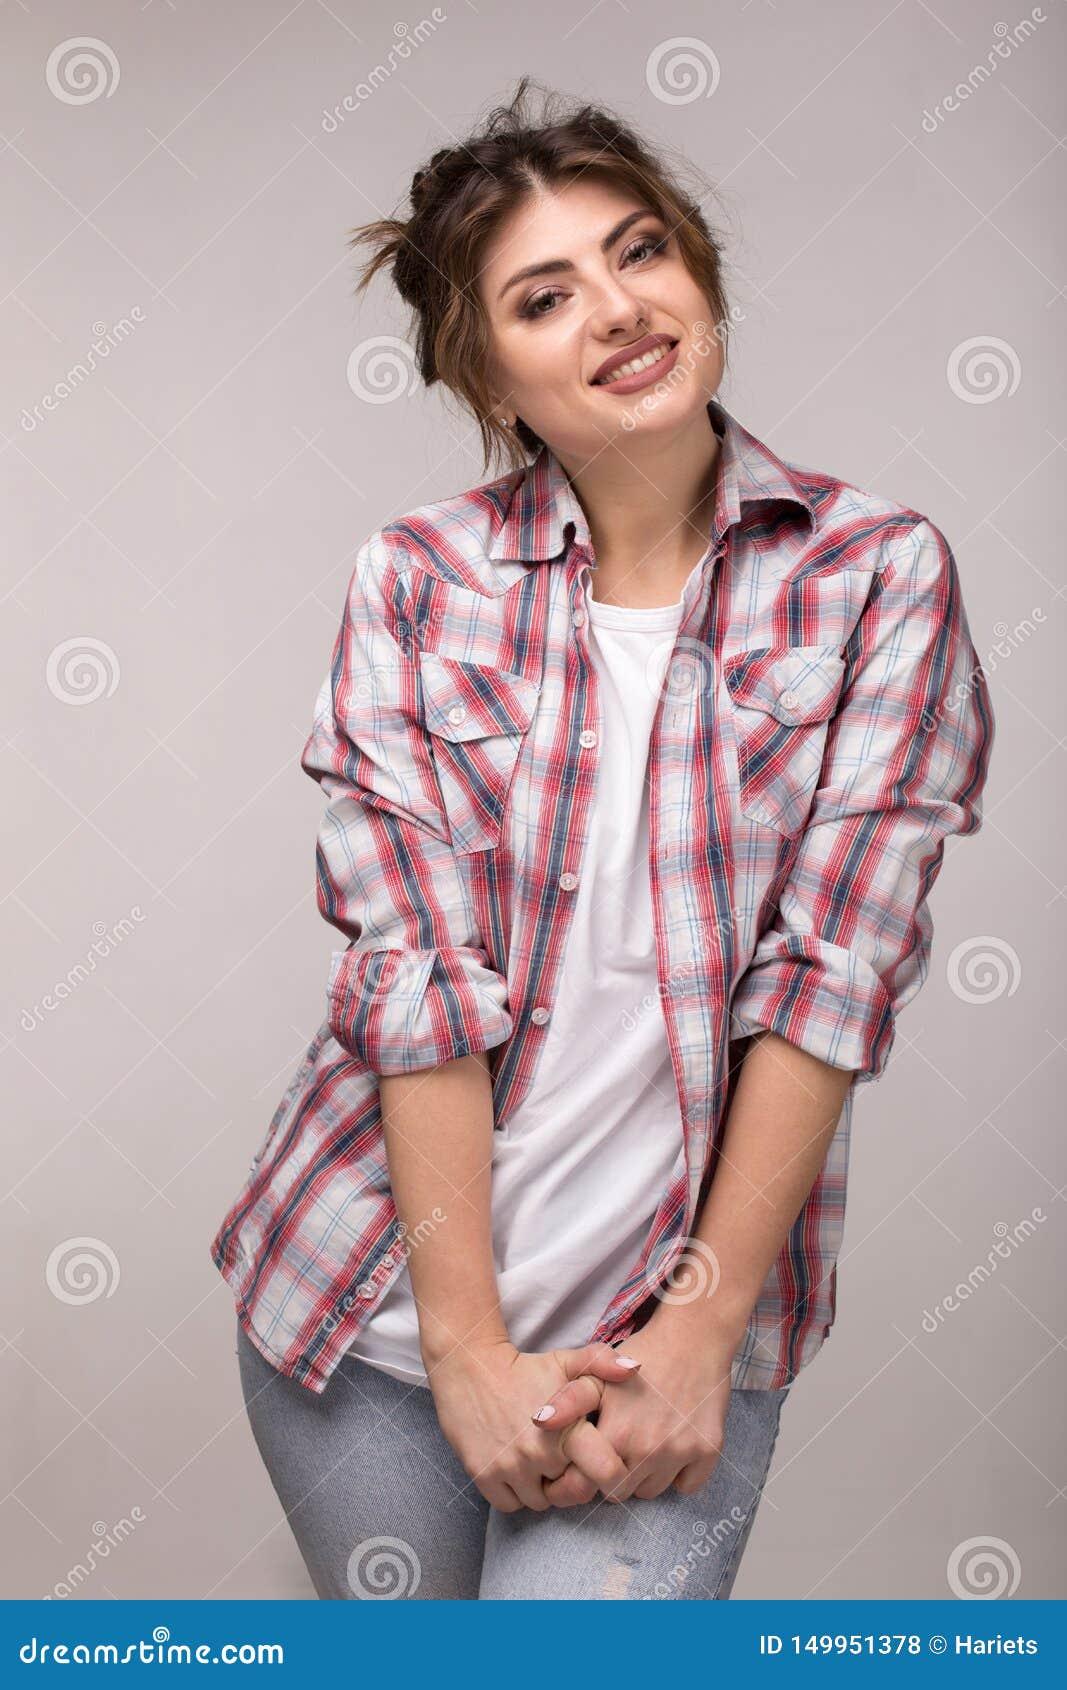 Porträt einer jungen lächelnden Frau im karierten Hemd und im weißen T-Shirt, stehend über grauer Wand